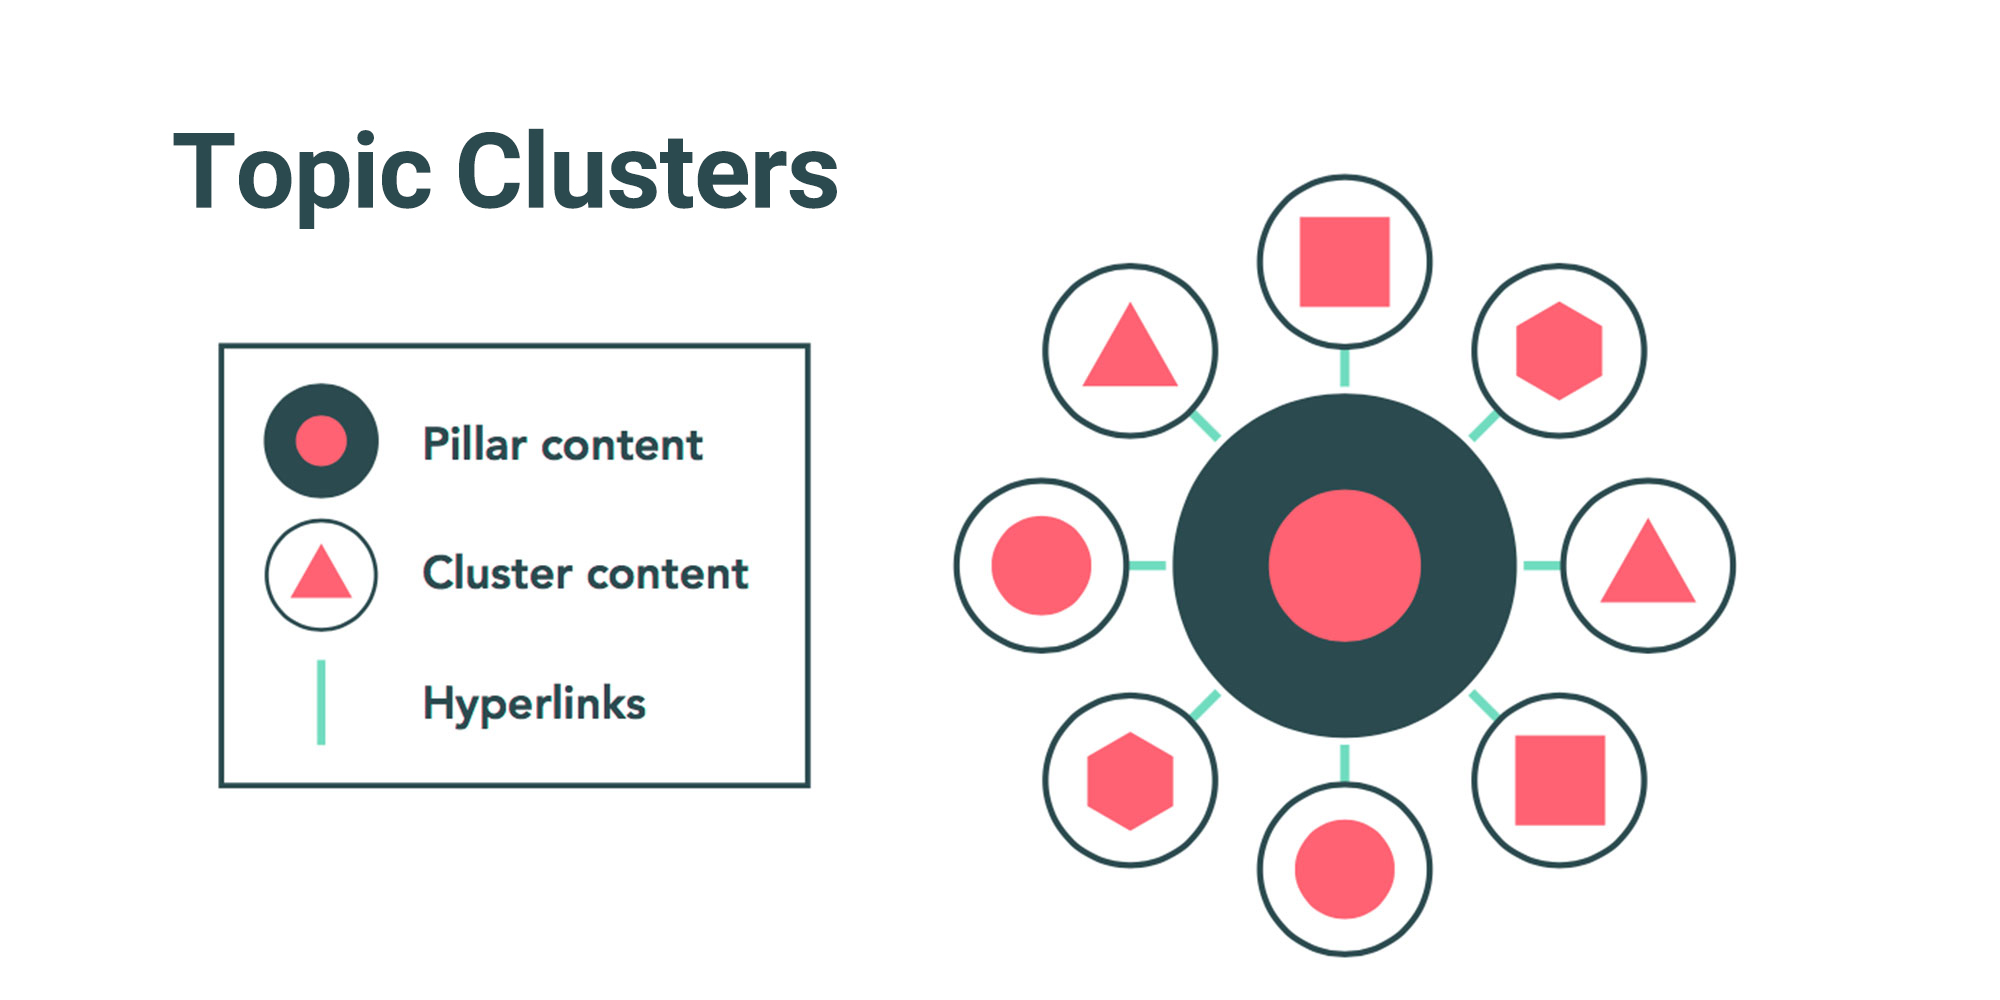 مفهوم مدل Topic Cluster در استراتژی محتوا